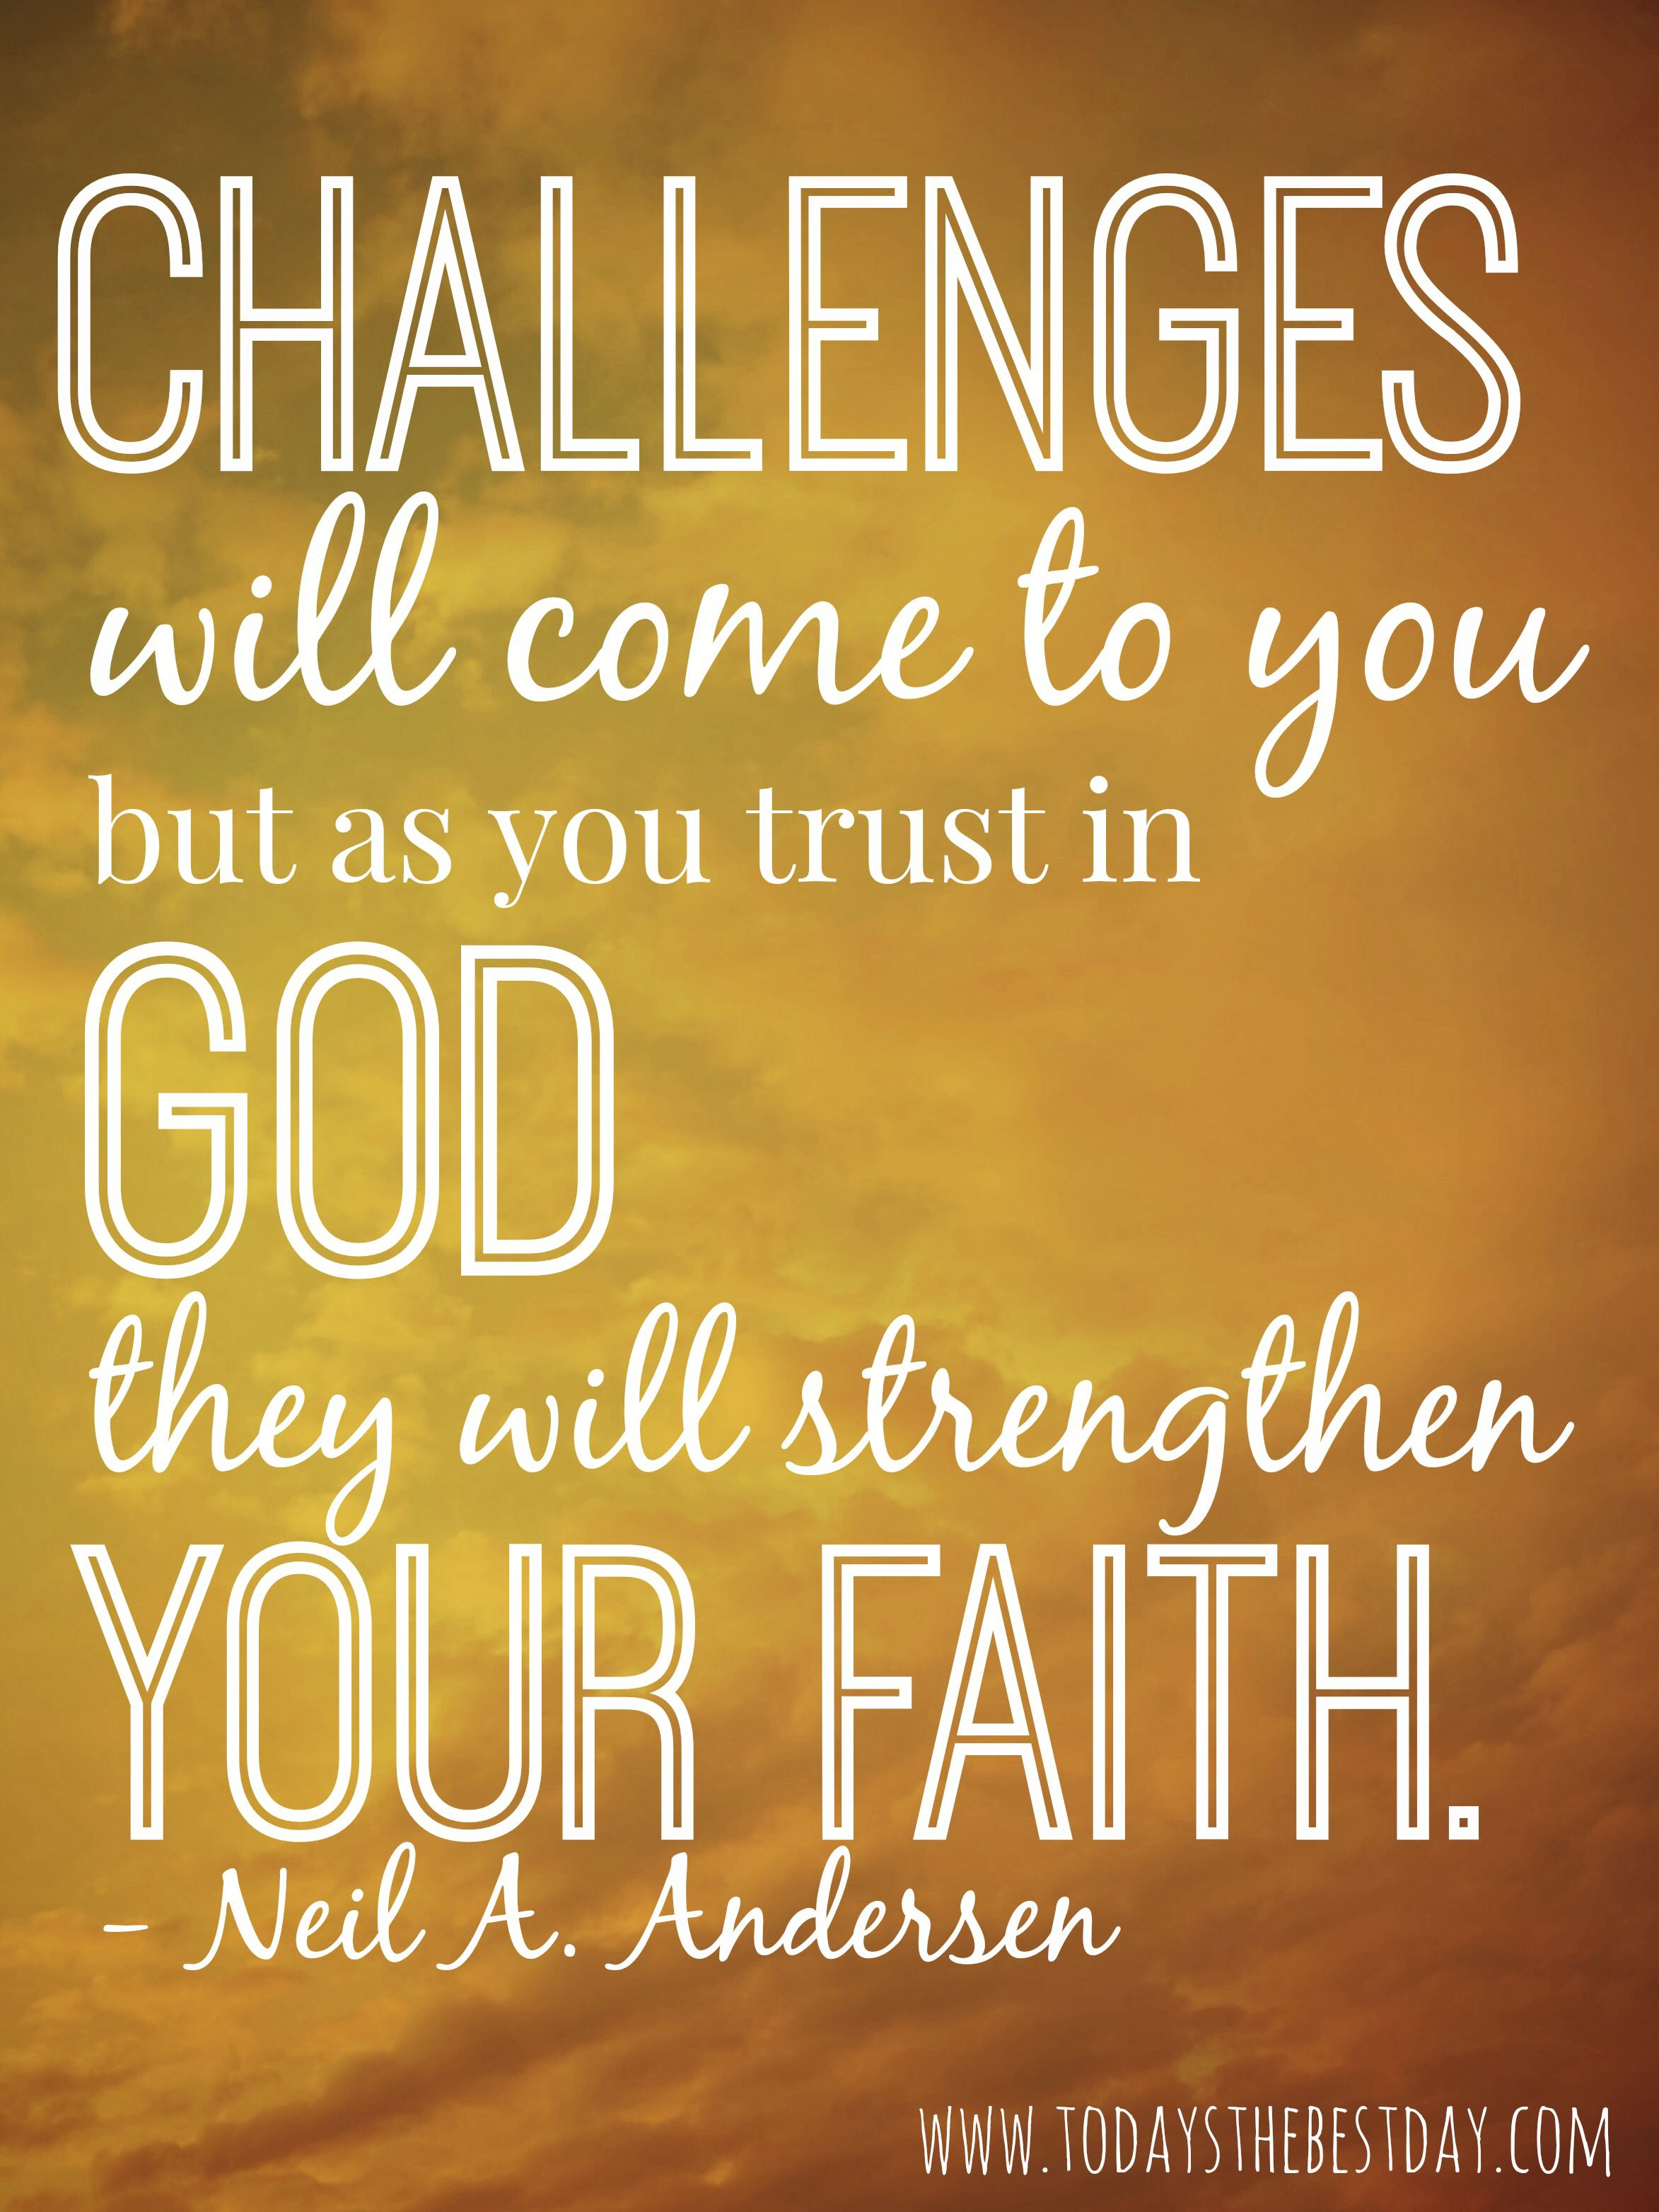 Trust in God  Gospel quotes, Church quotes, Lds quotes